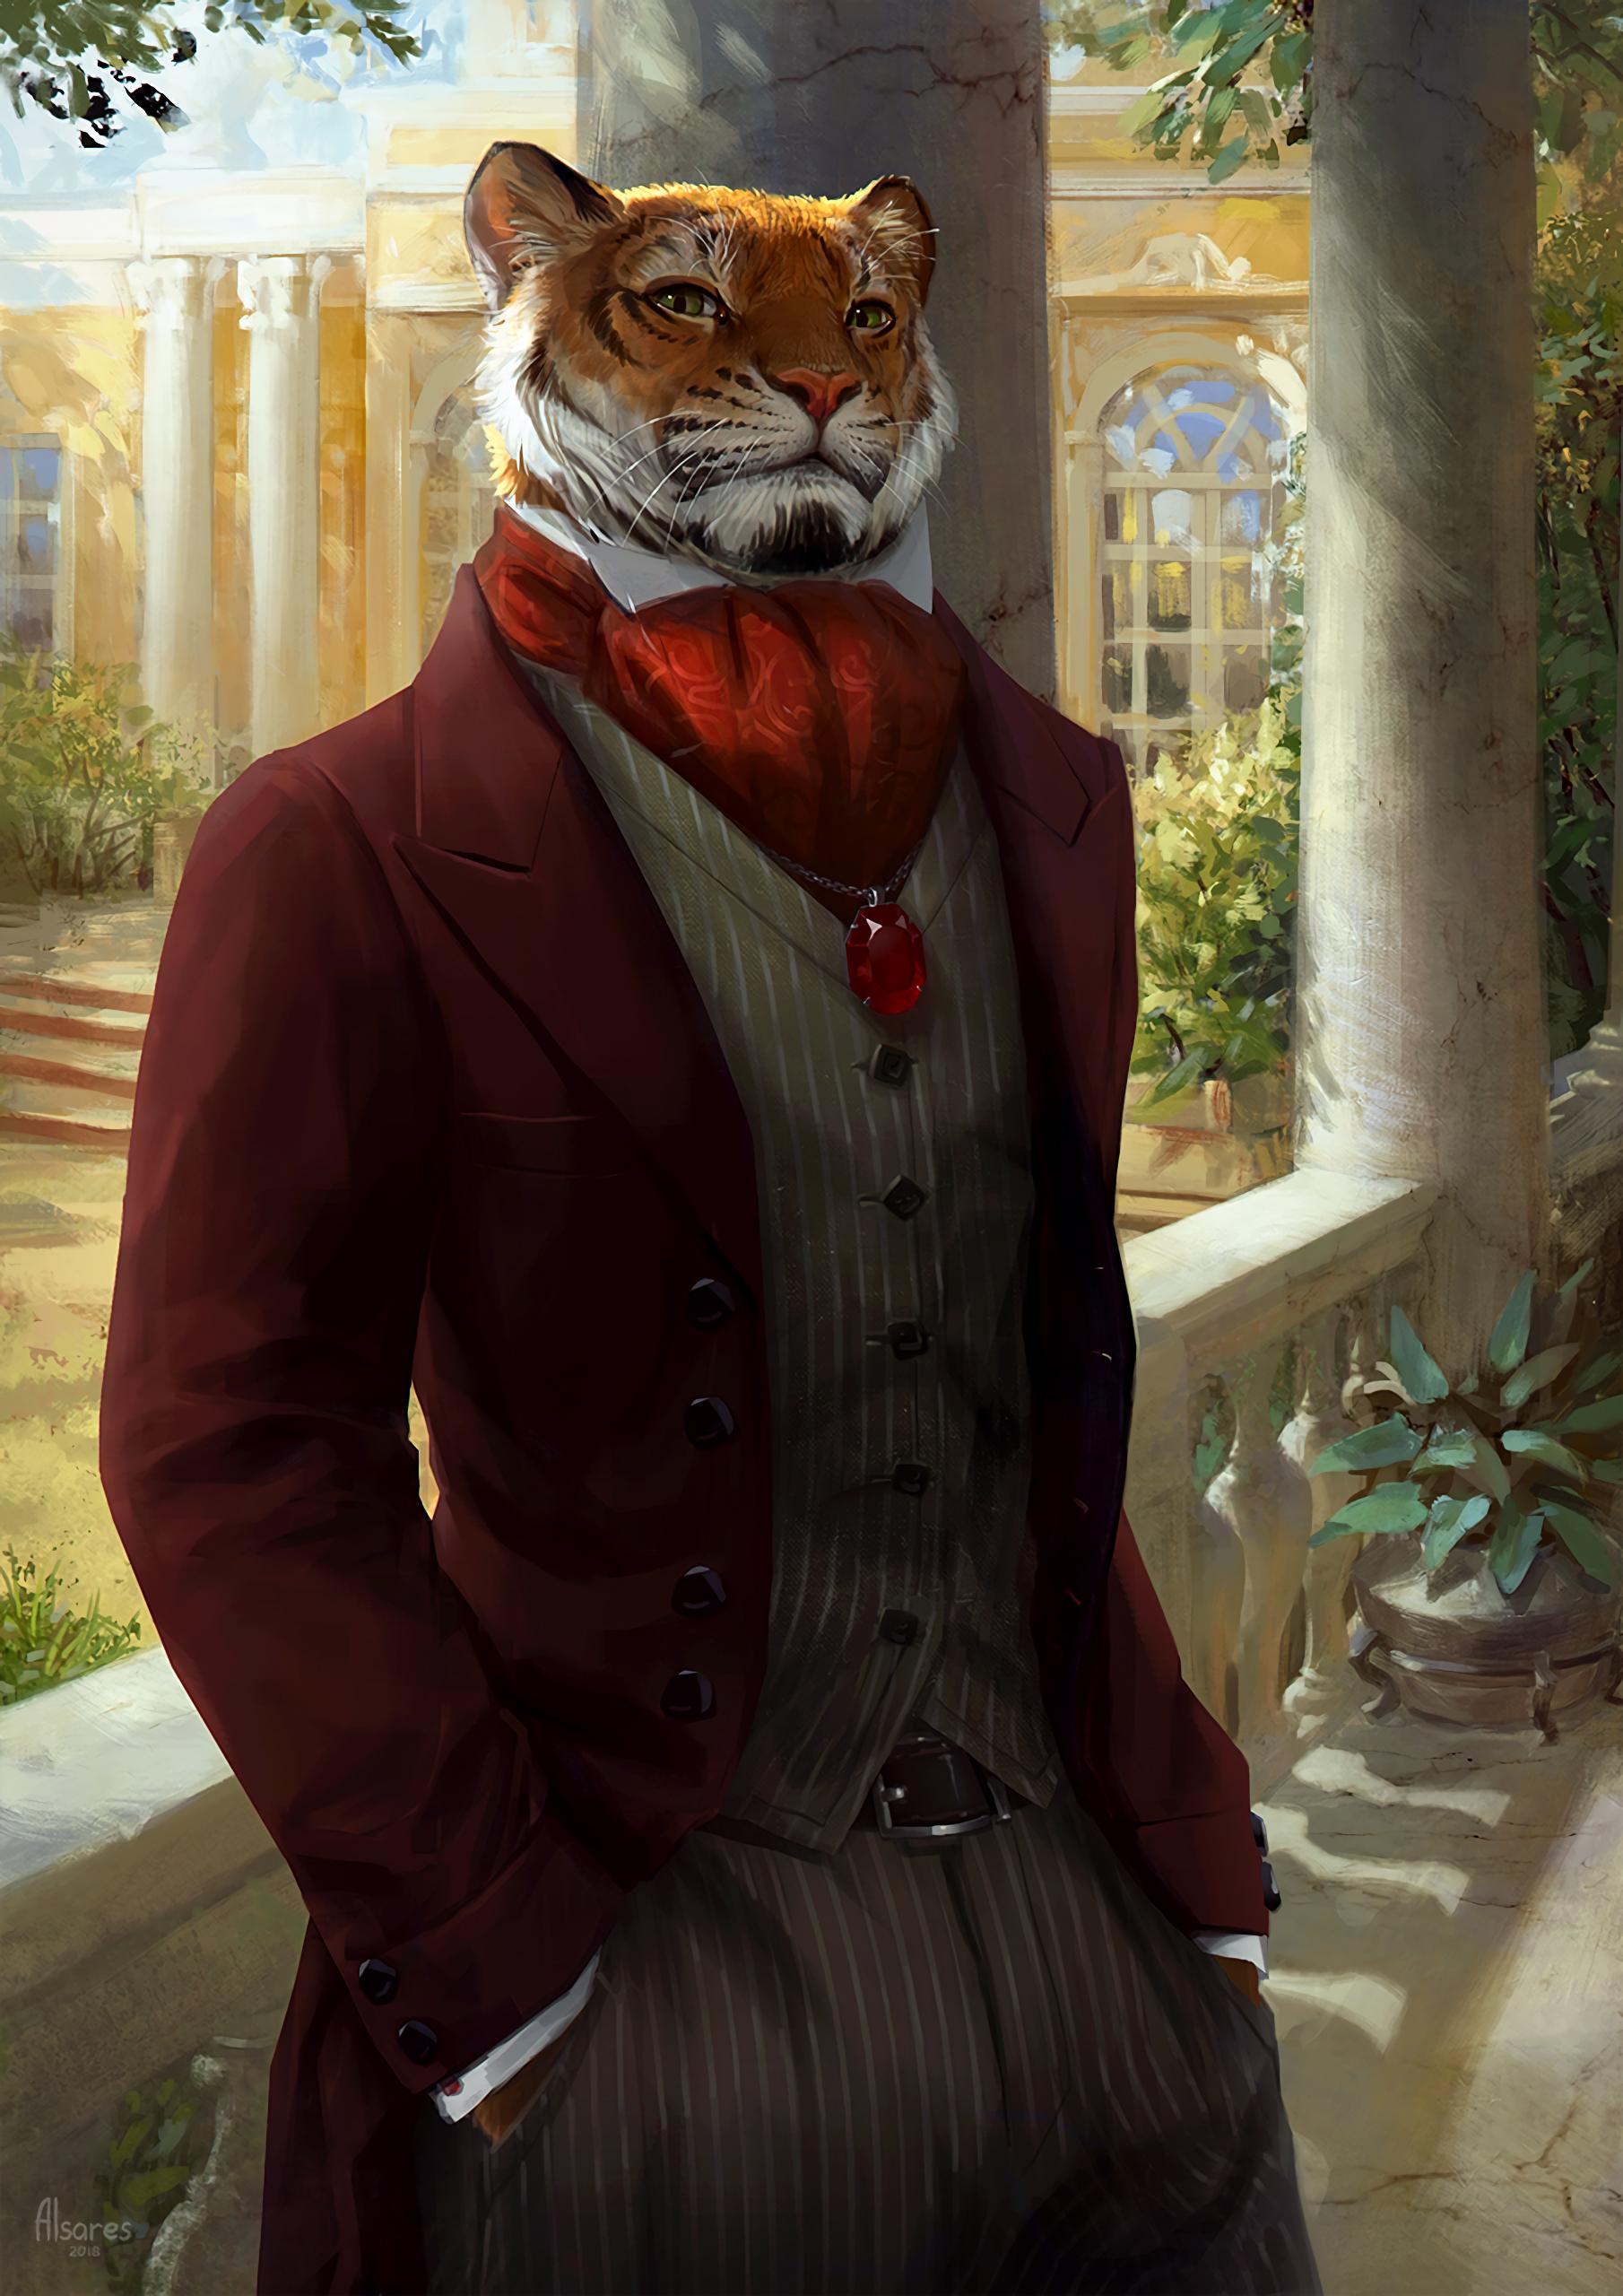 147665 Hintergrundbild herunterladen Kunst, Tiger, Tier, Kostüm, Aristokrat - Bildschirmschoner und Bilder kostenlos